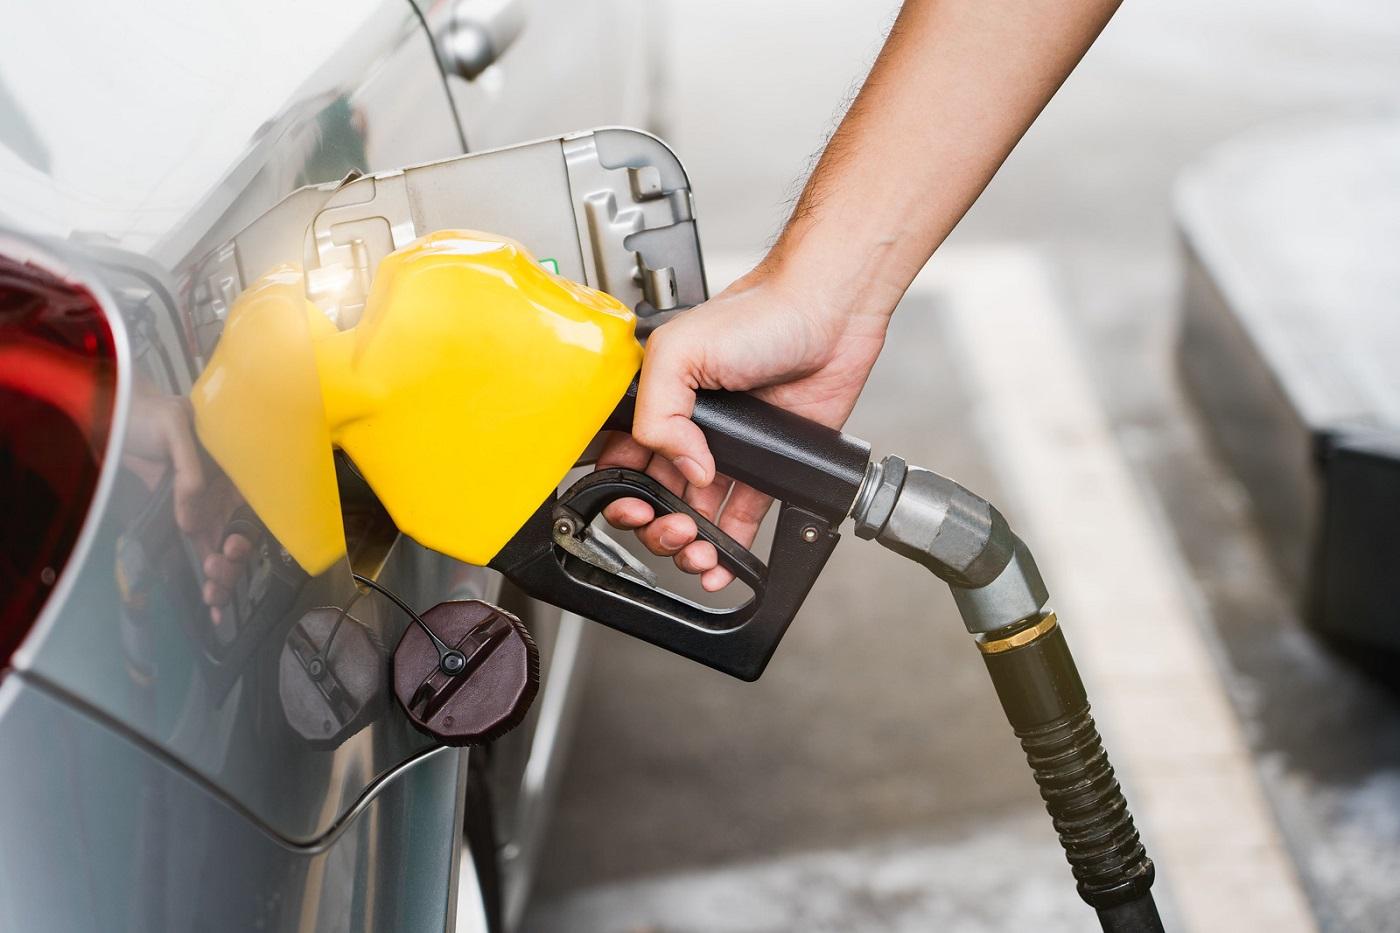 Эксперты: цены на топливо на АЗС в регионах больше зависят от логистики, чем долей ВИНКов